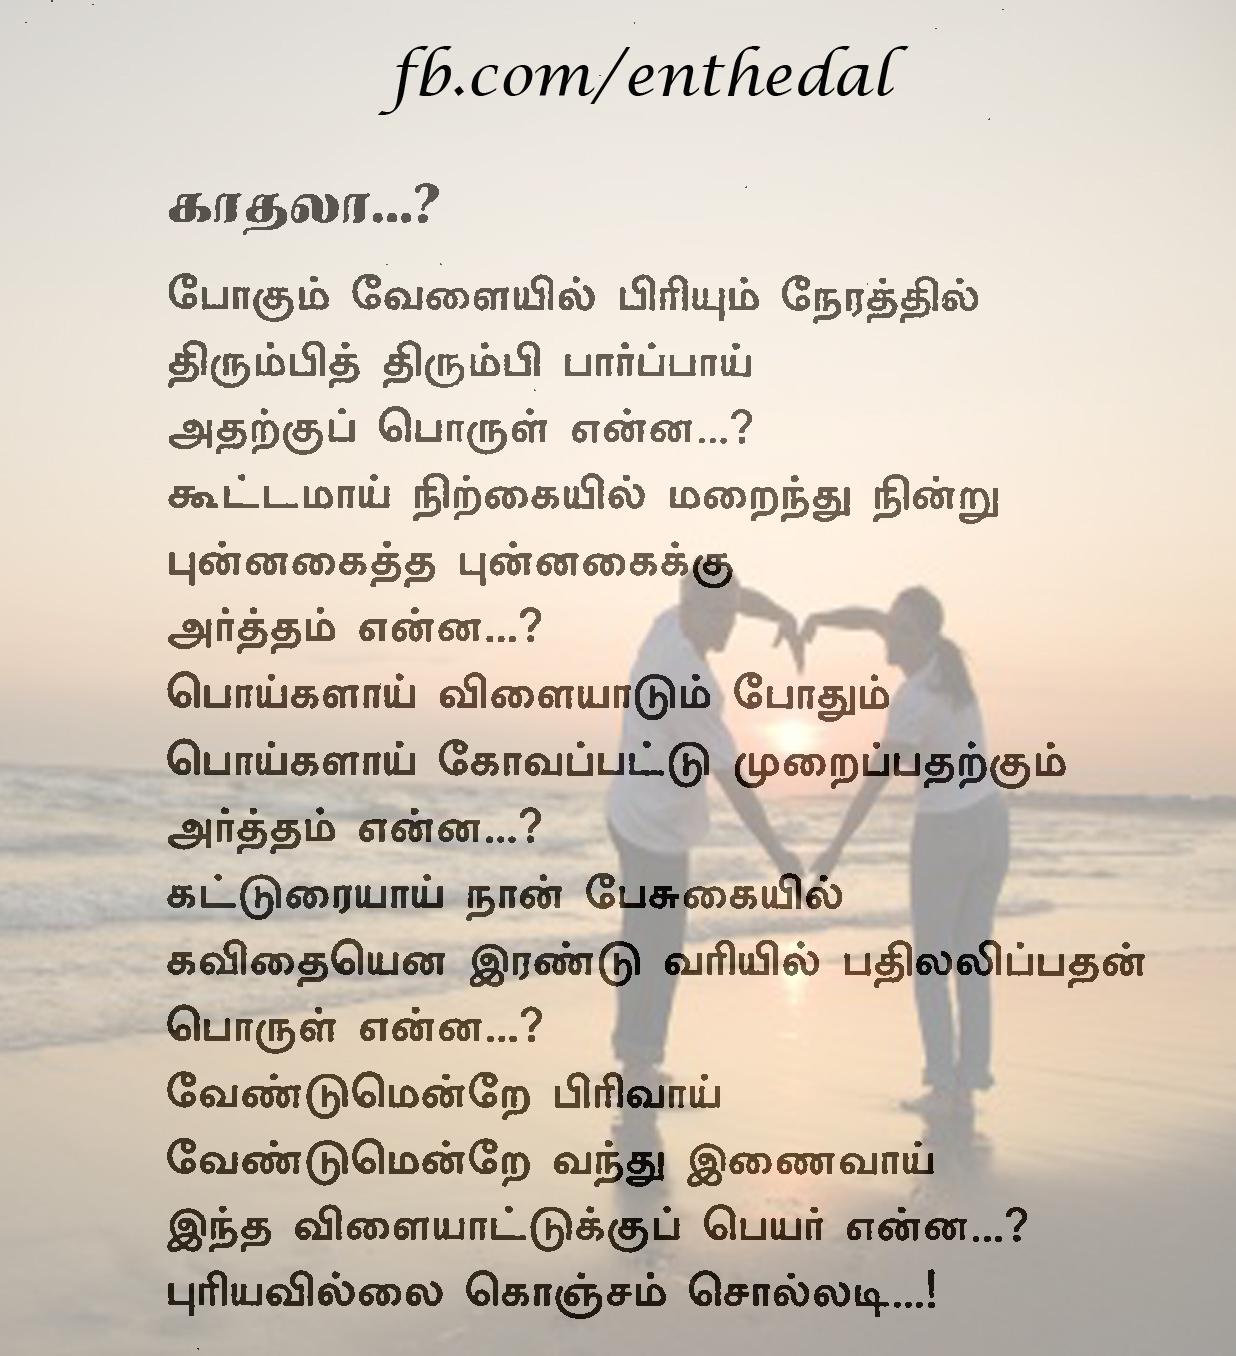 Jiffy Lube Top Off Policy >> Nambikkai Throgam Kavithai In Tamil | Auto Design Tech